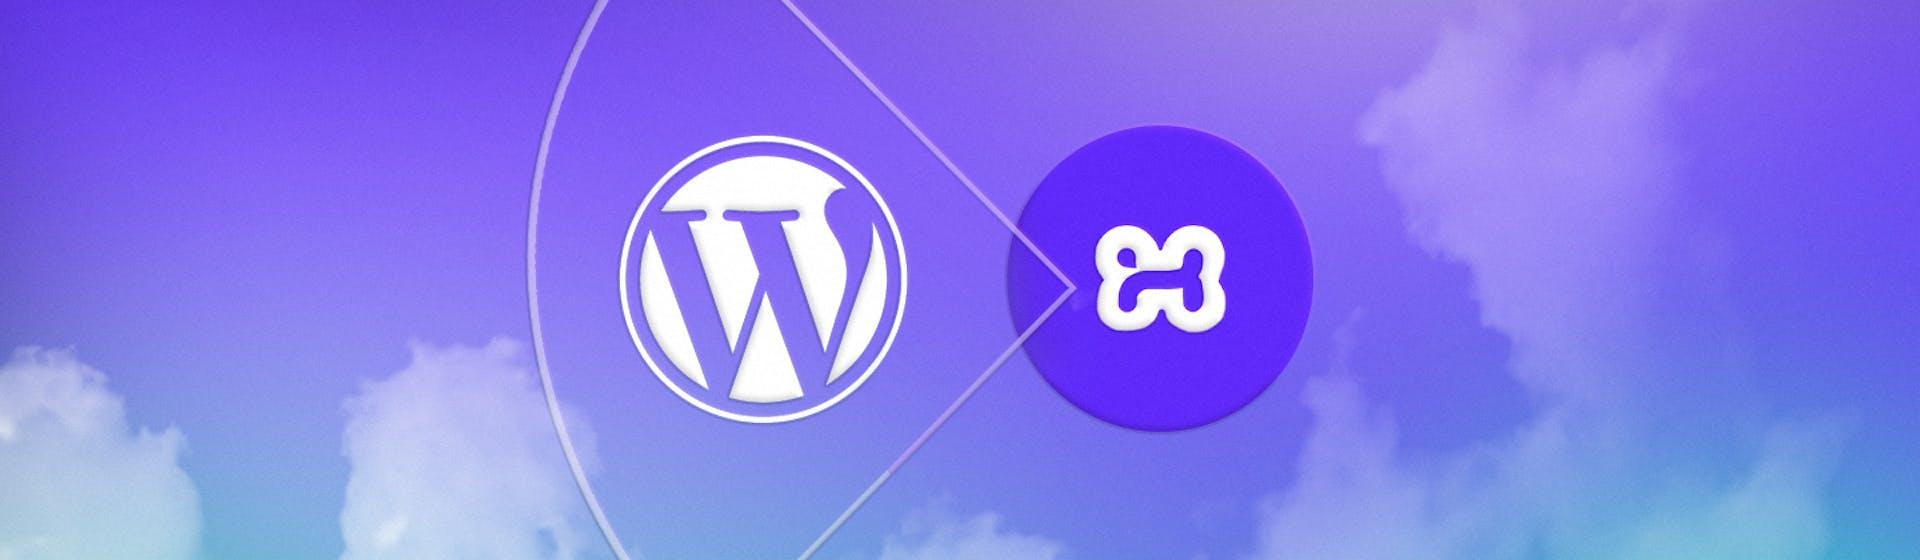 ¿Cómo instalar WordPress en Xampp? Guía para principiantes en desarrollo web